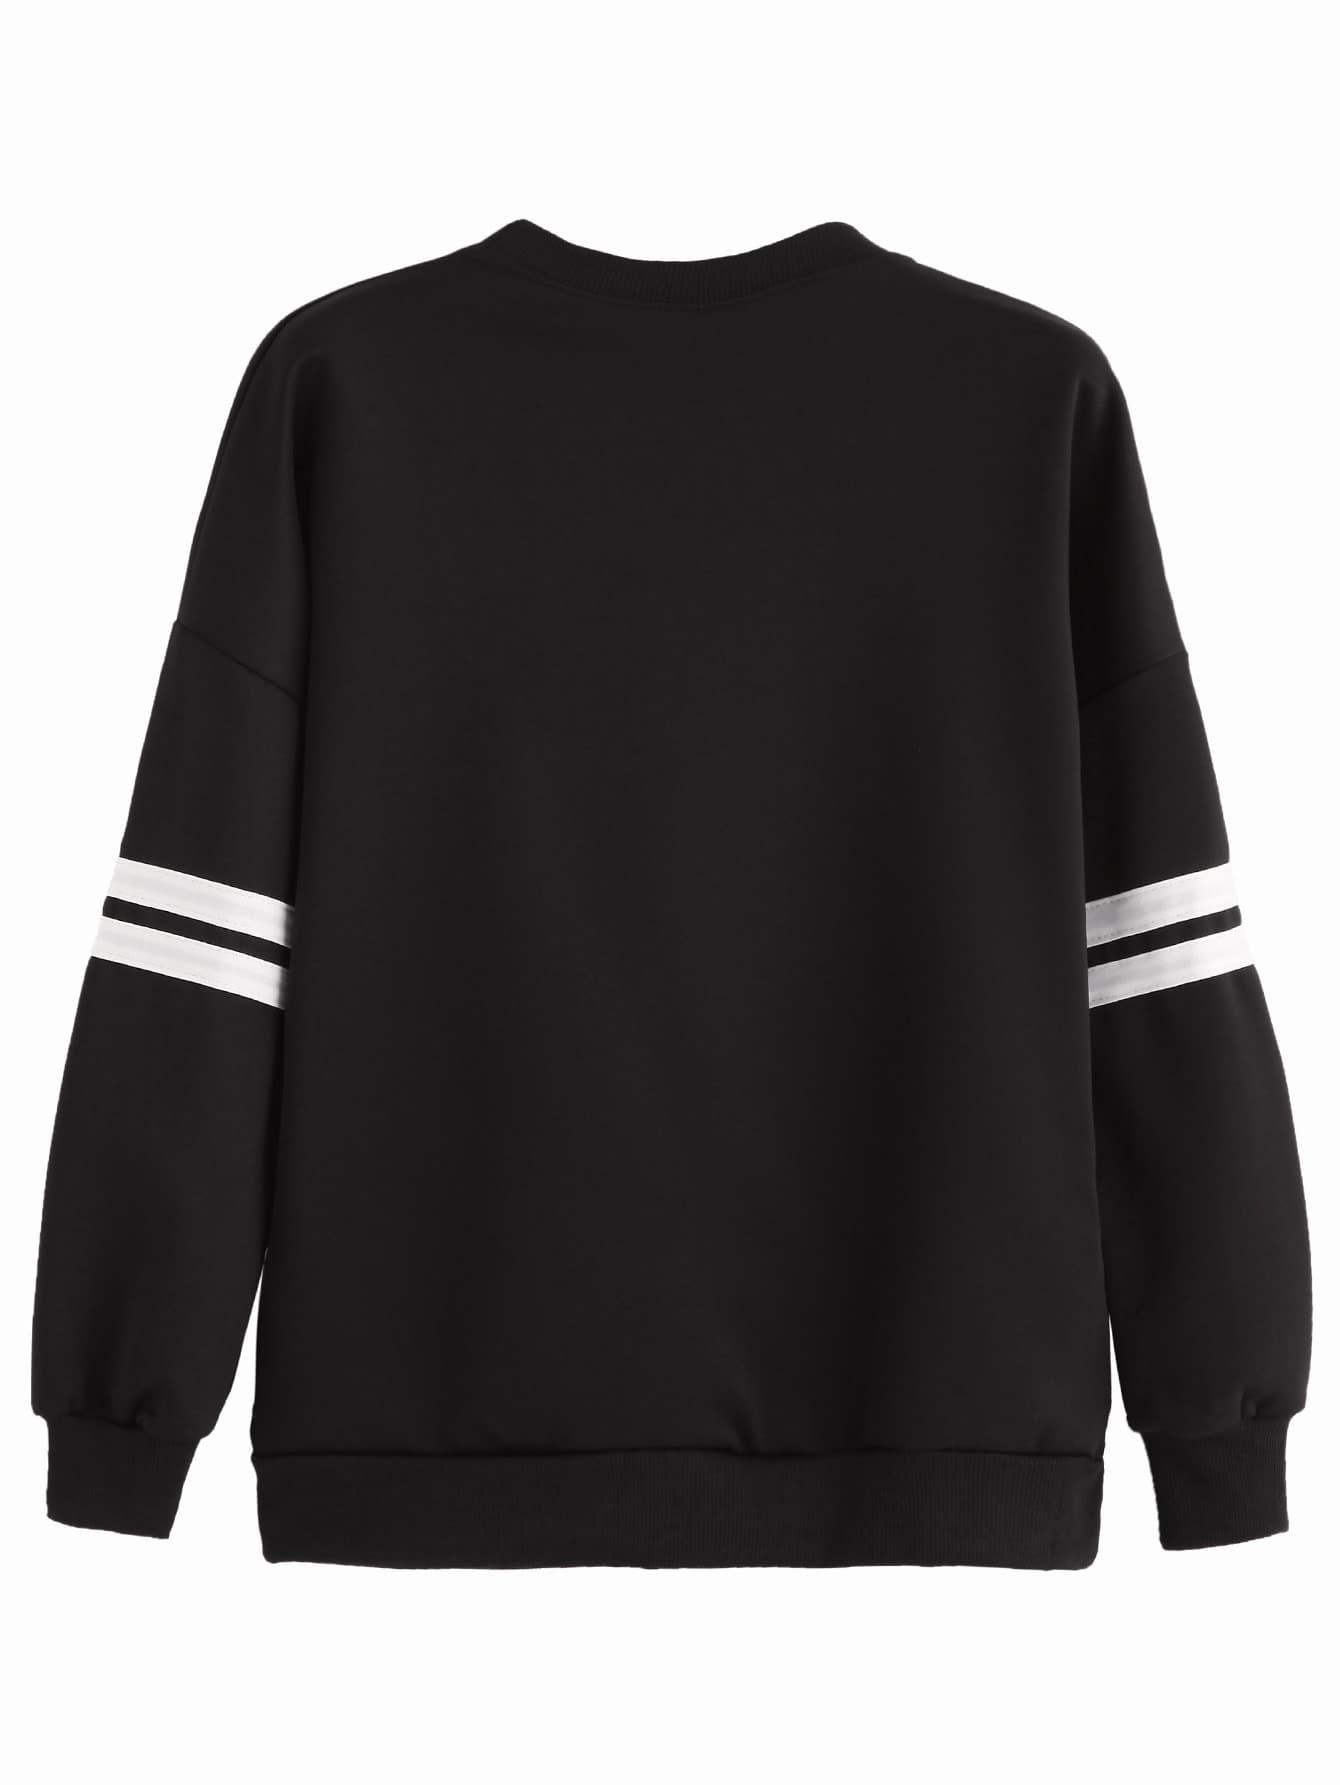 sweatshirt160830122_2